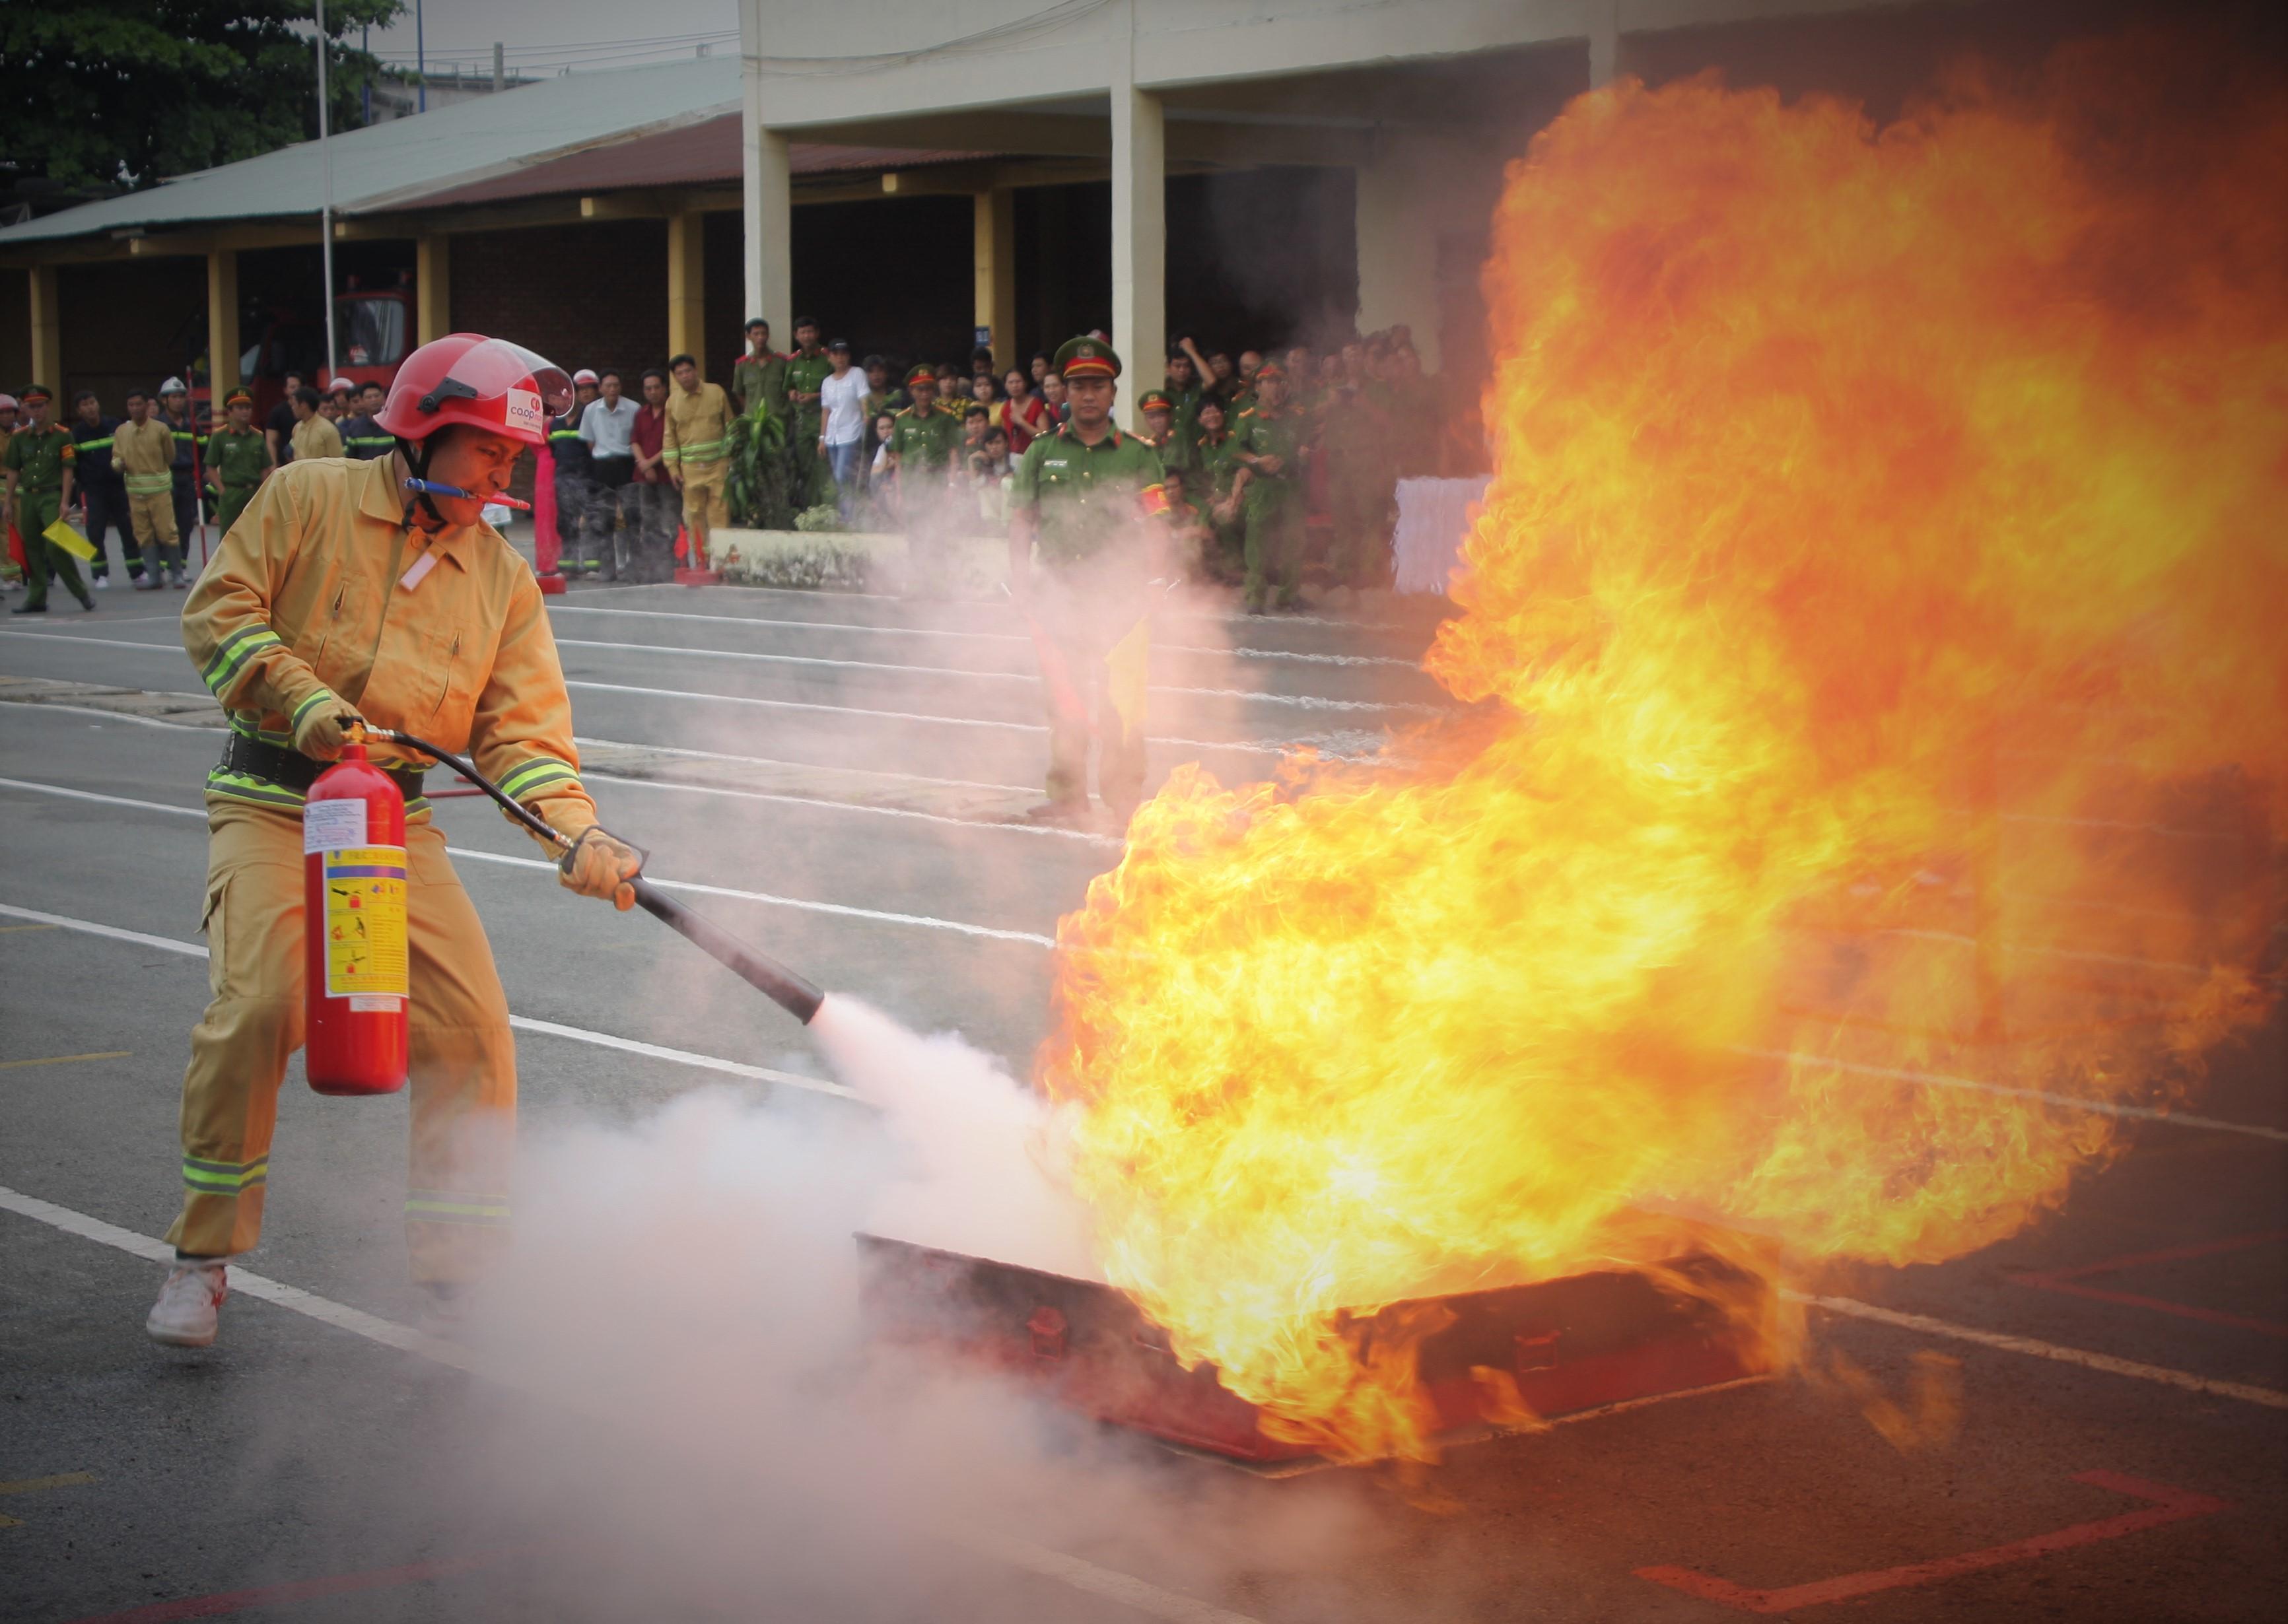 Rèn luyện tốt để chống giặc lửa bảo vệ tính mạng, tài sản của người dân